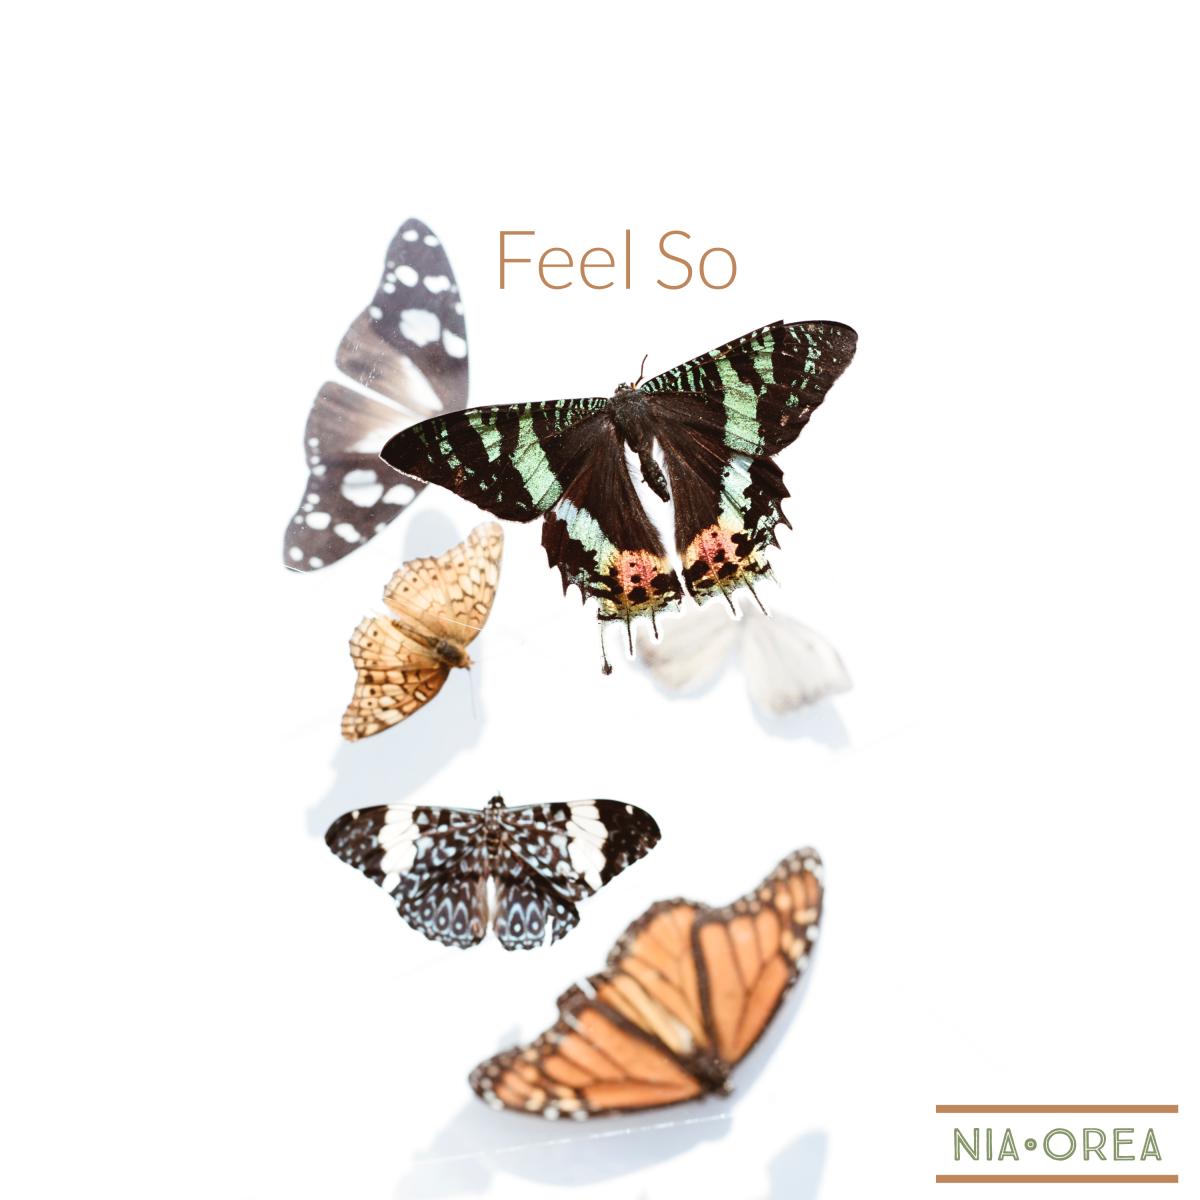 Nia Orea - Feel So (Album Artwork)